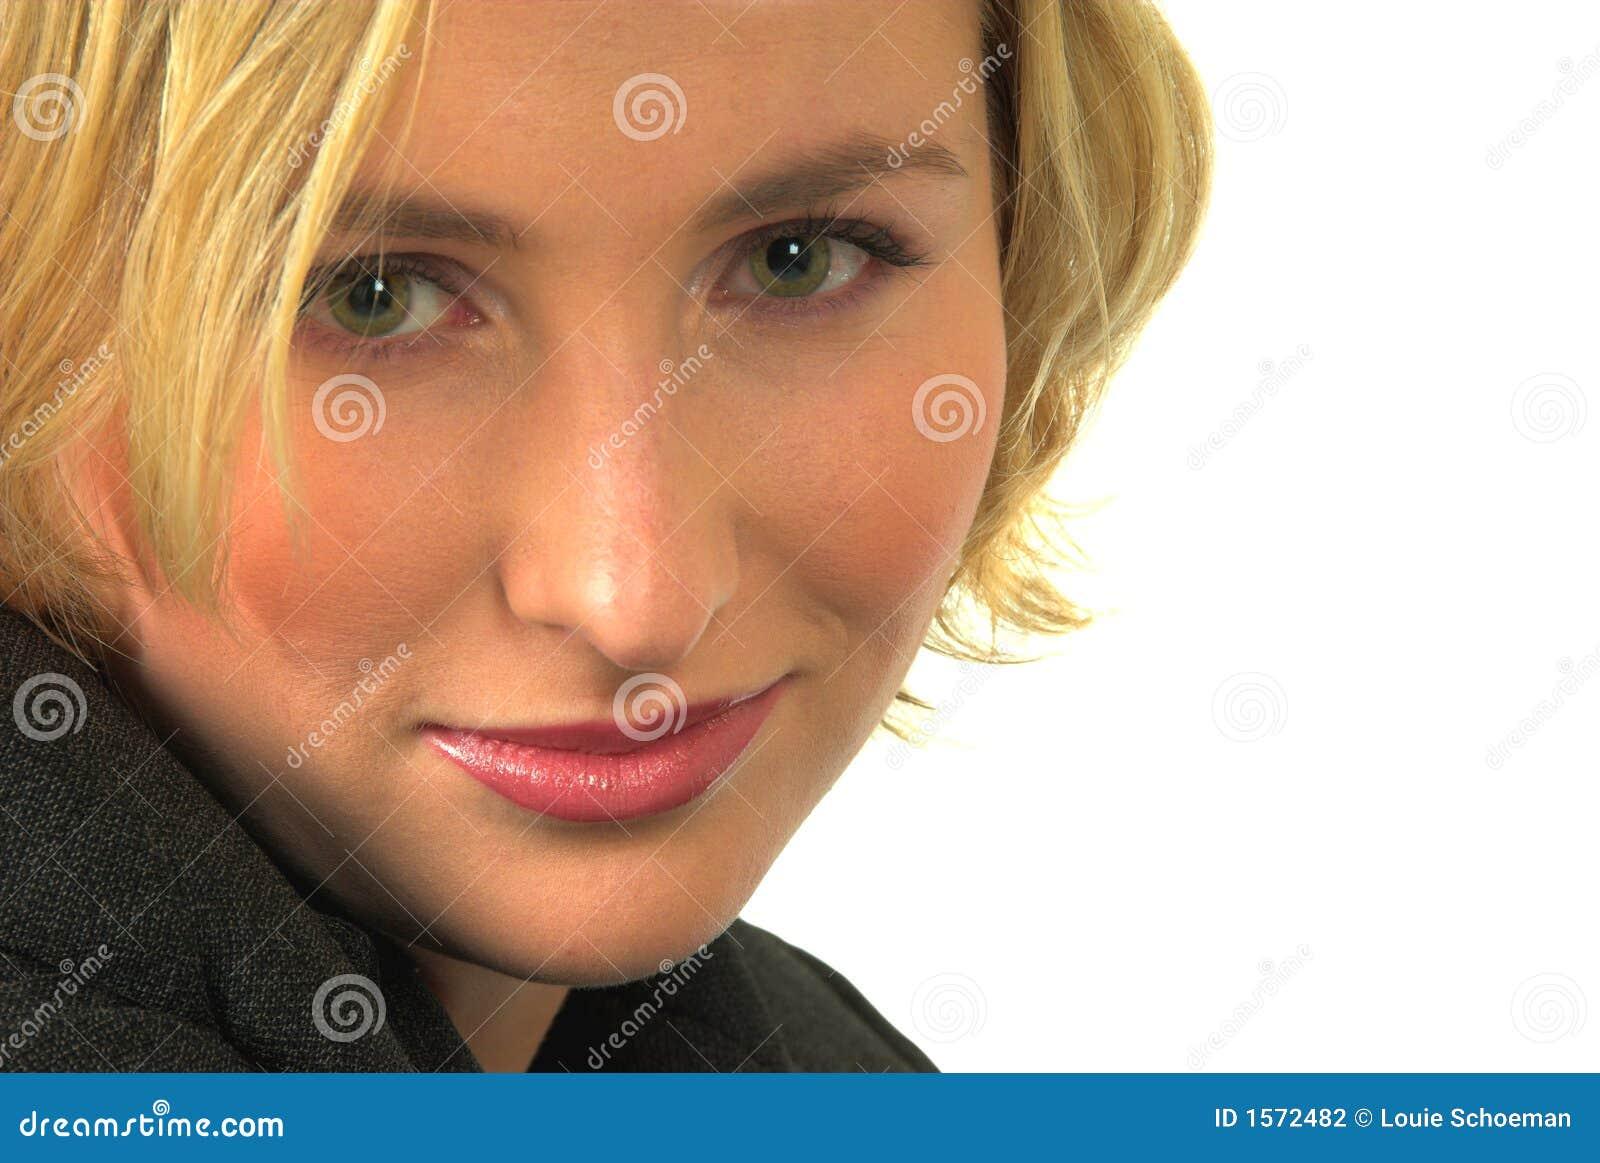 frau blond grüne augen